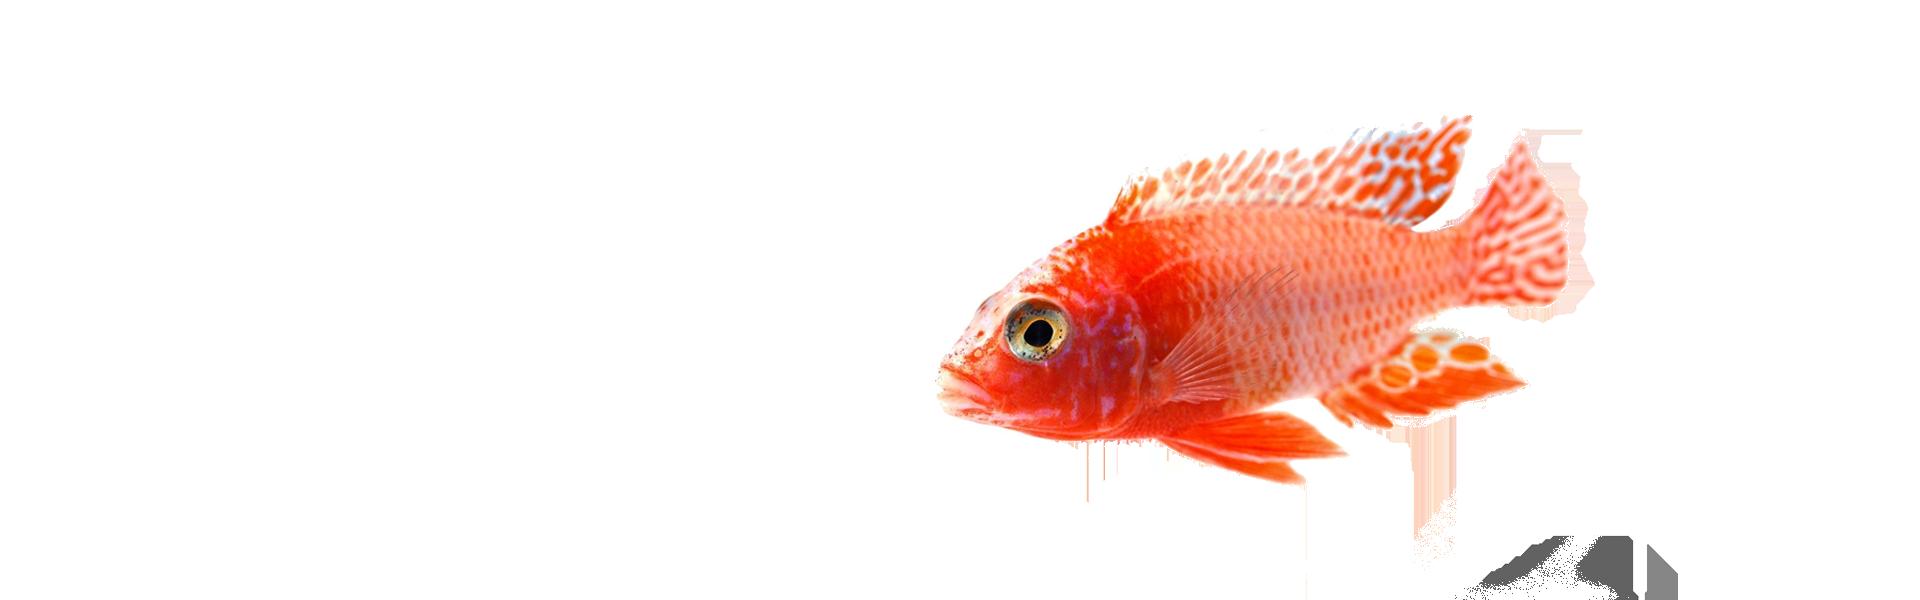 sunny articulos para mascota seccion pez2 - Sunny | Productos y Accesorios para Peceras de Agua Salada | México